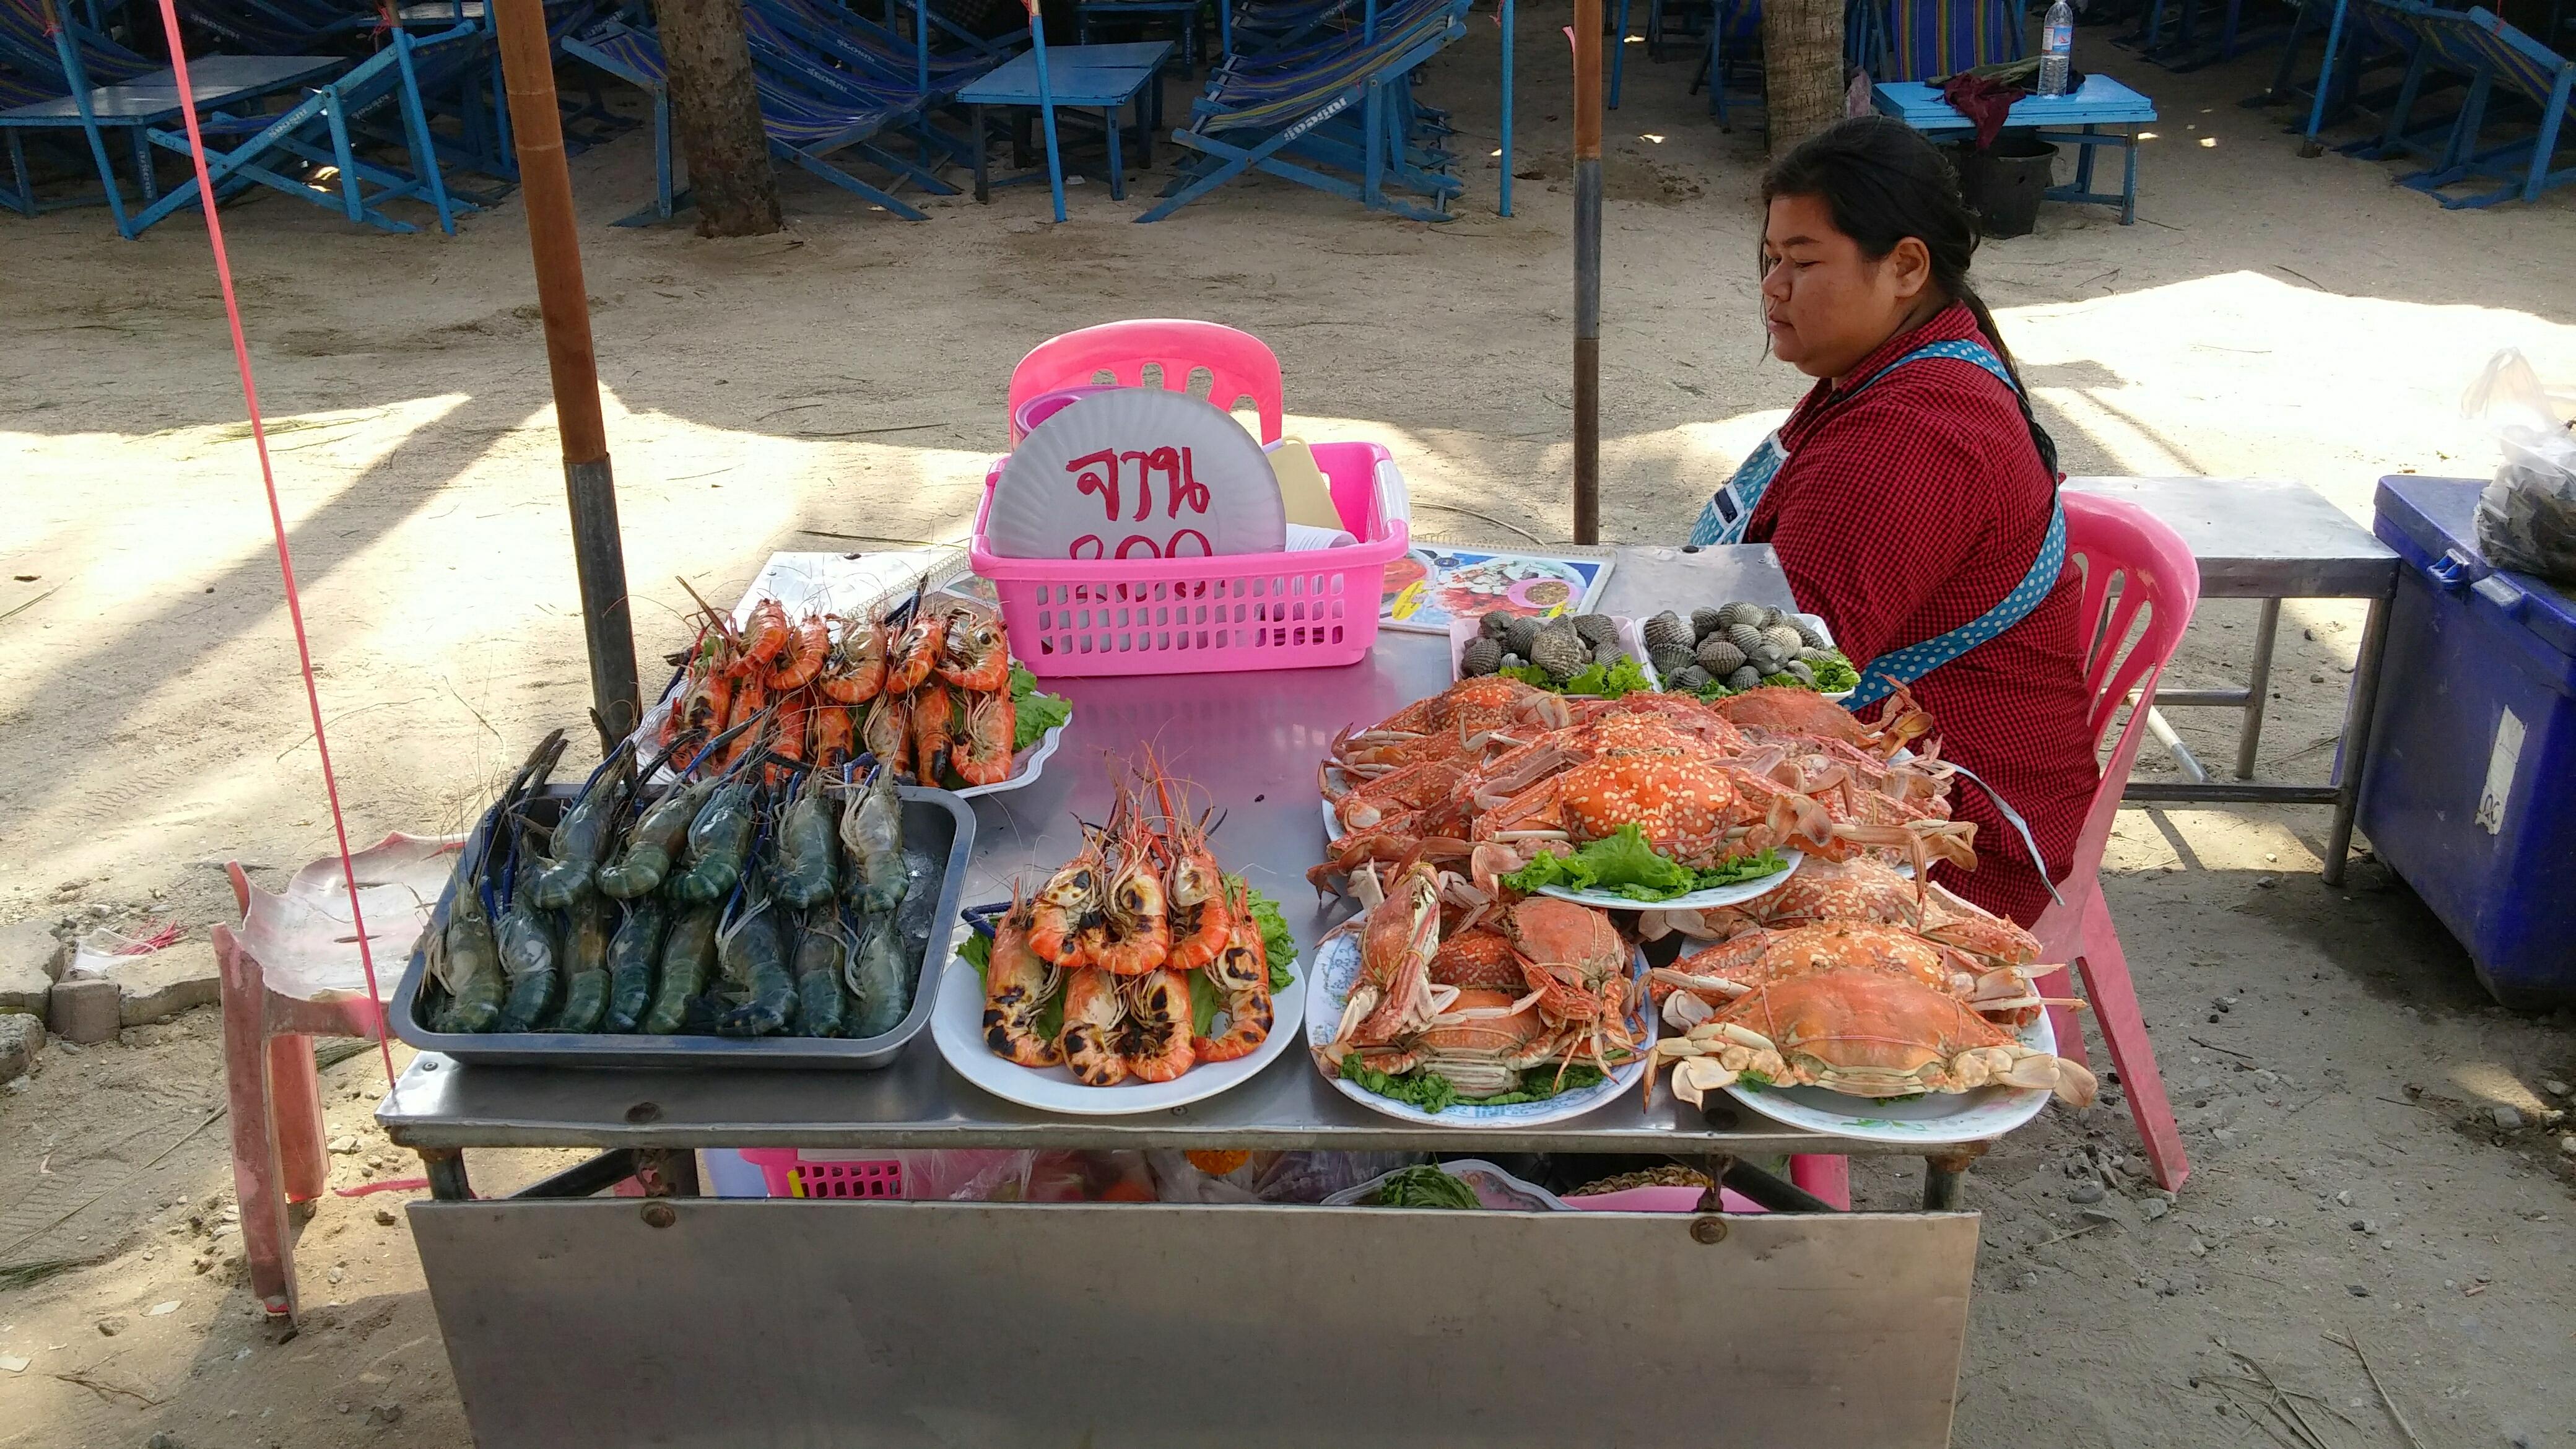 Seafood in abundance